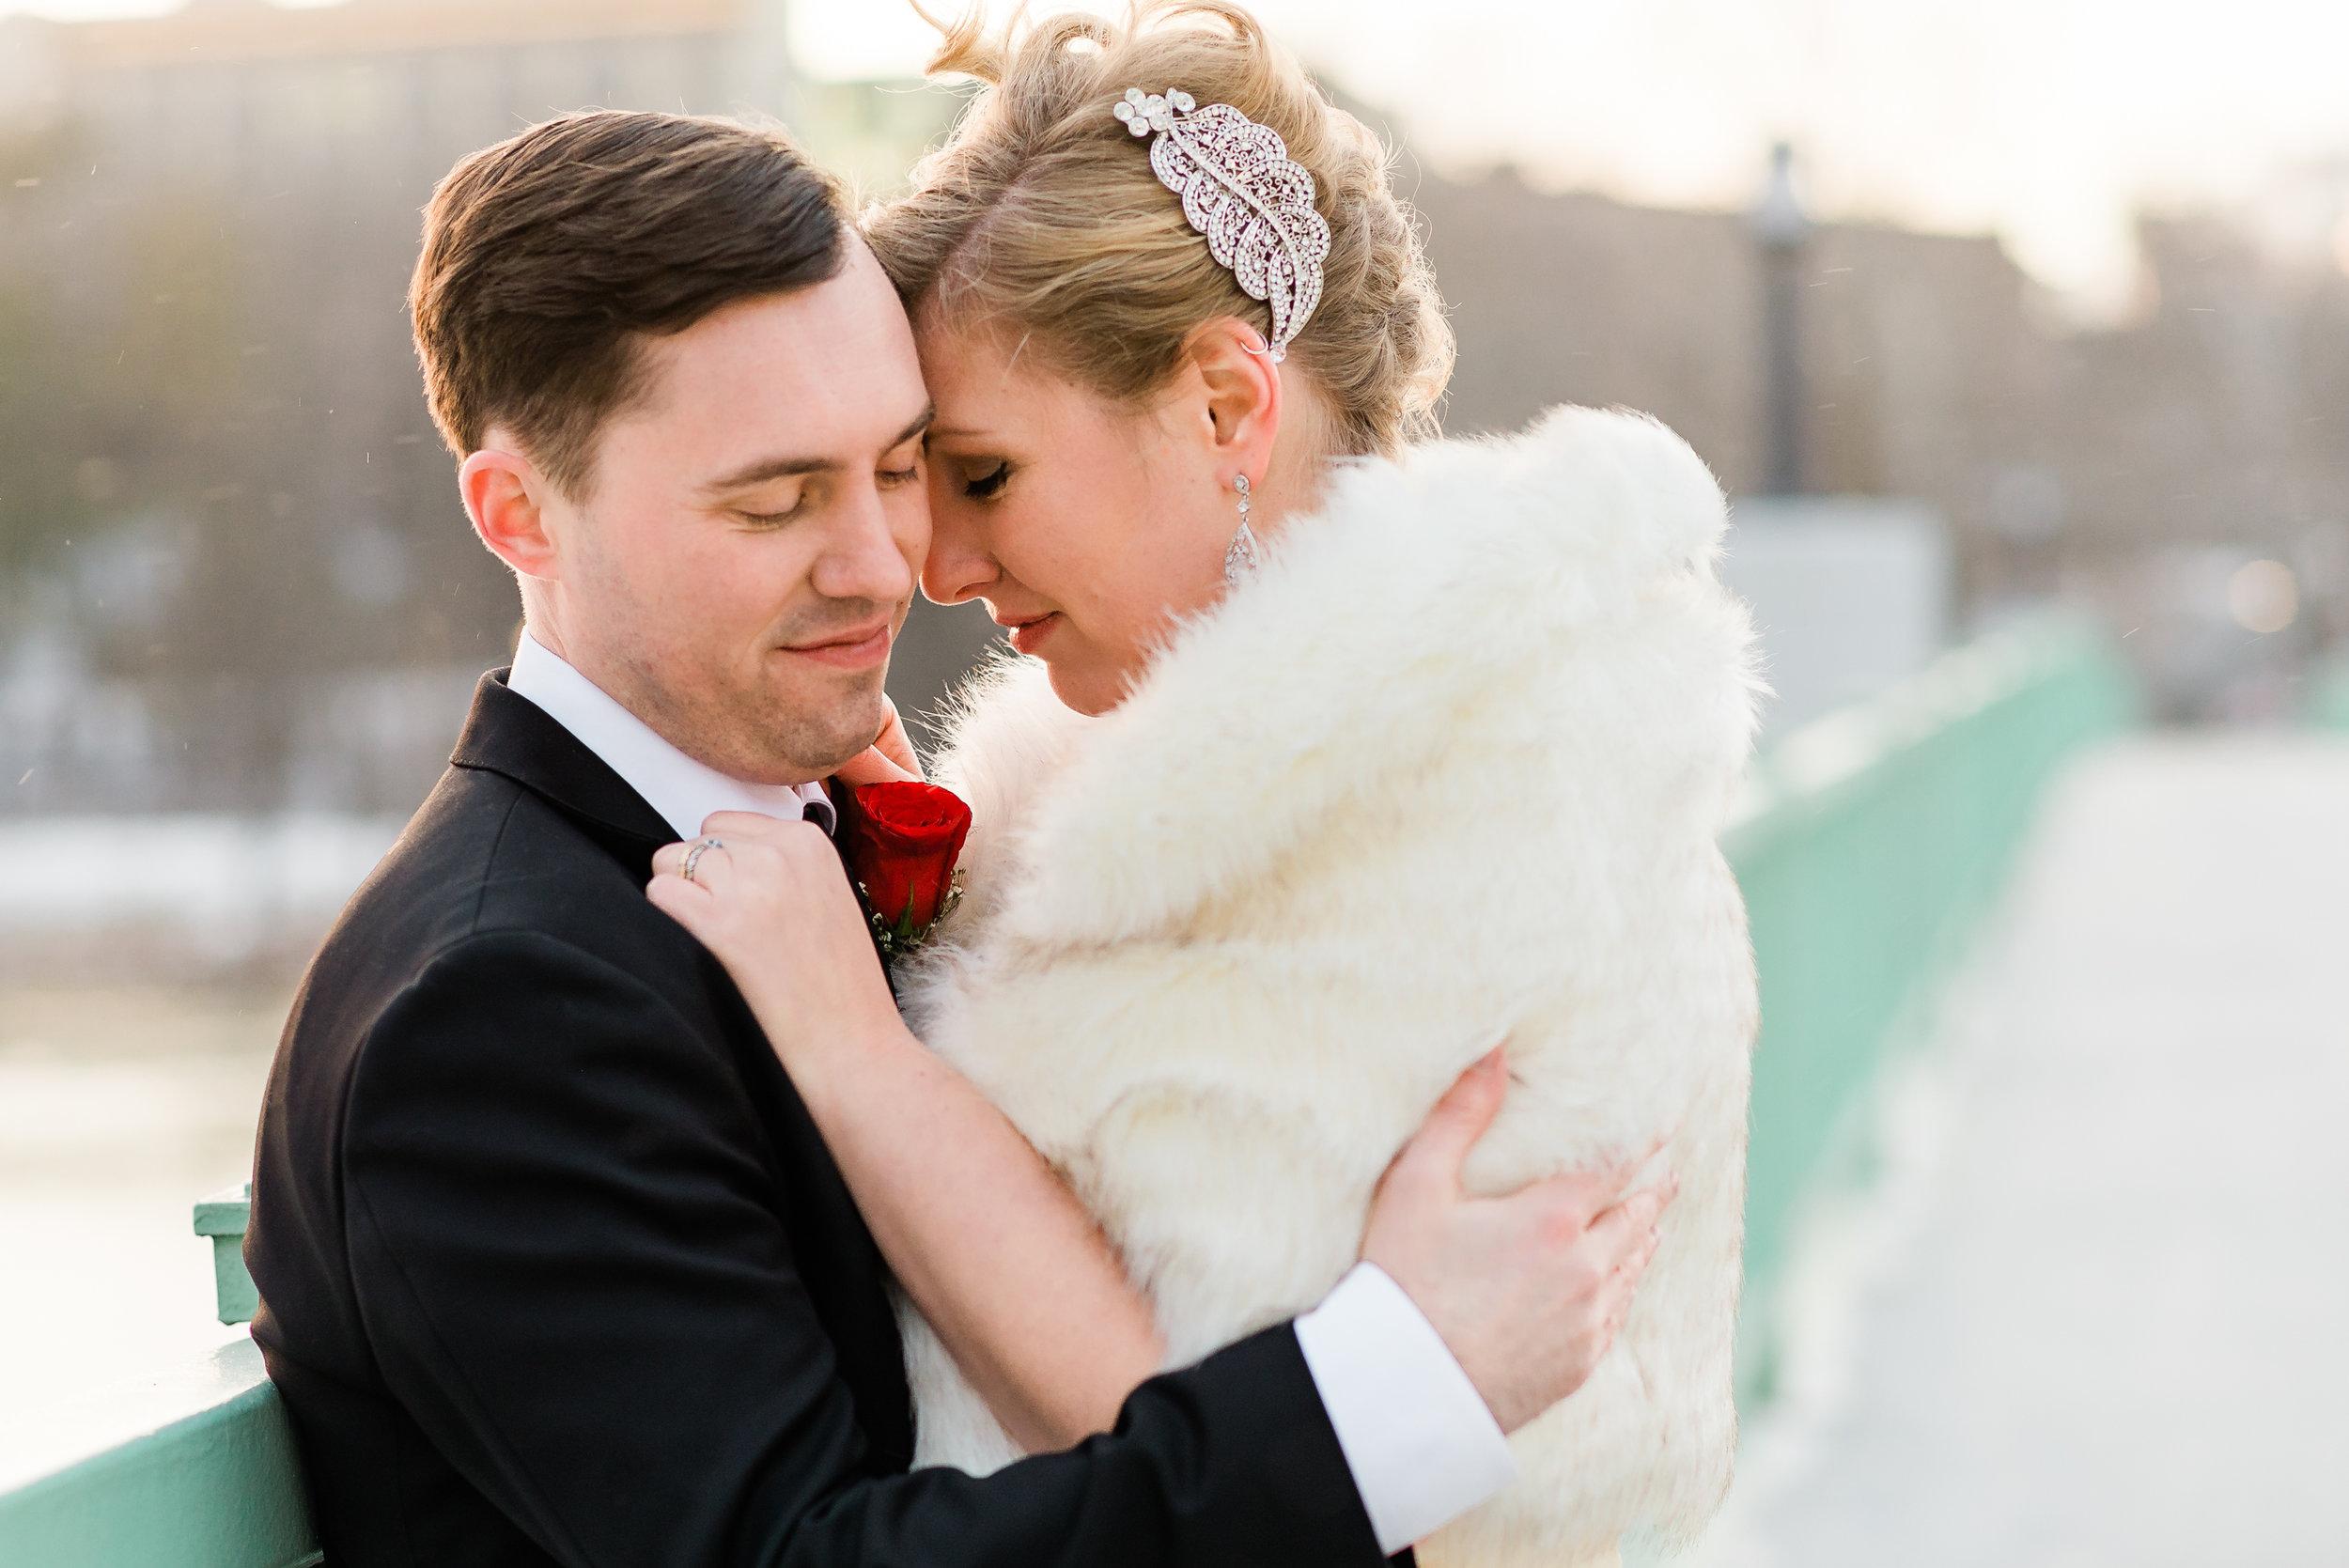 Iowa River - Iowa City, Iowa, Wedding Photographer